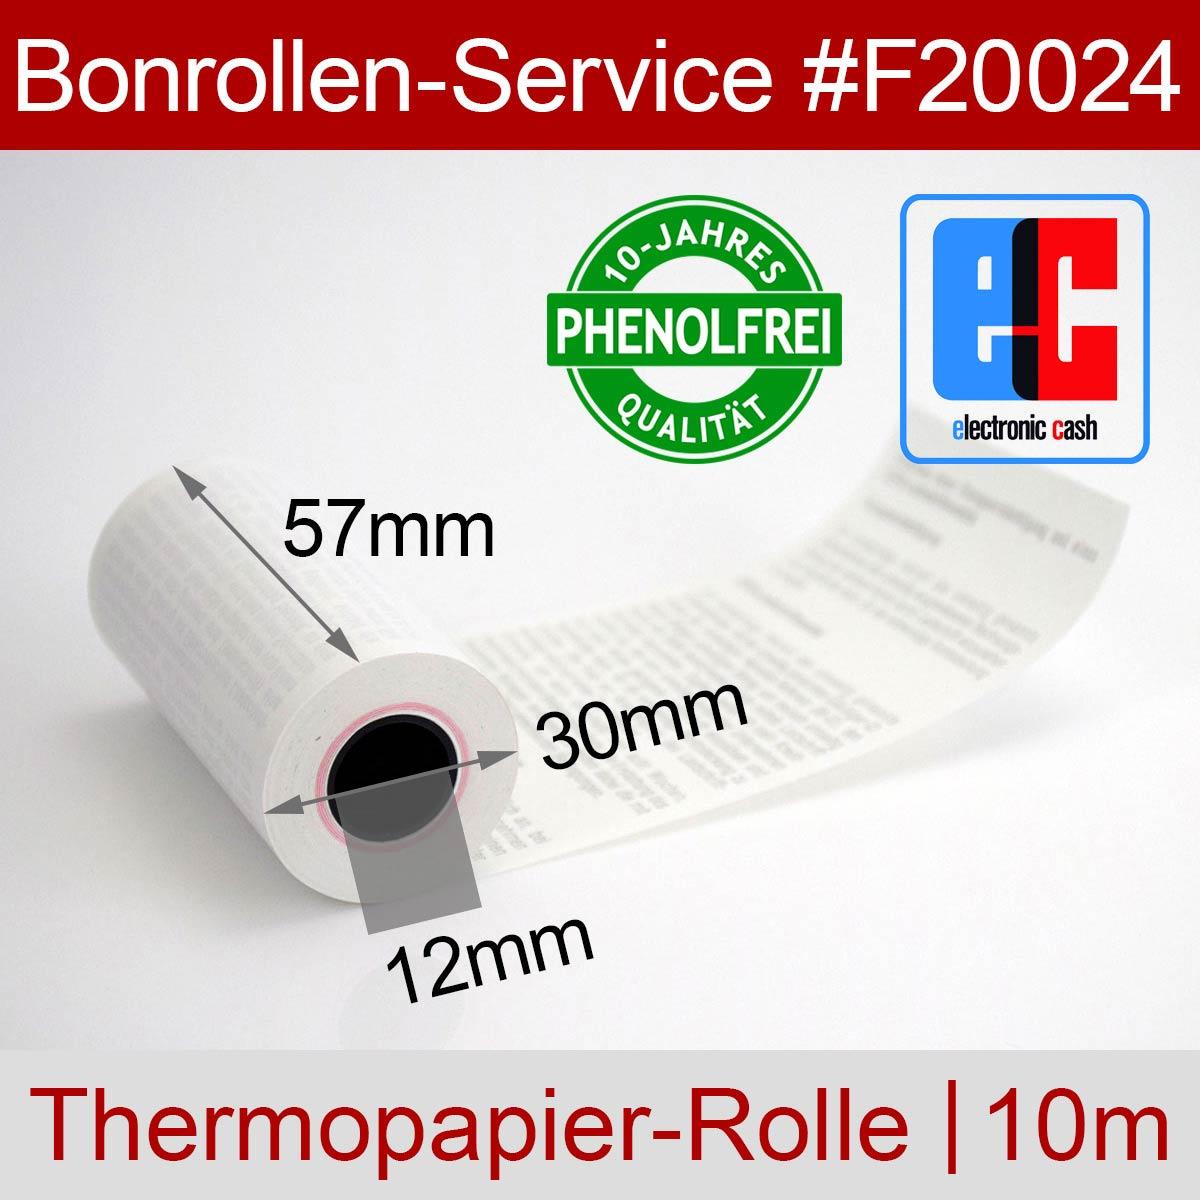 EC-Thermorollen 57 / 10m / 12 weiß mit SEPA-Text (10-Jahres-Qualität, phenolfrei) - Detailansicht